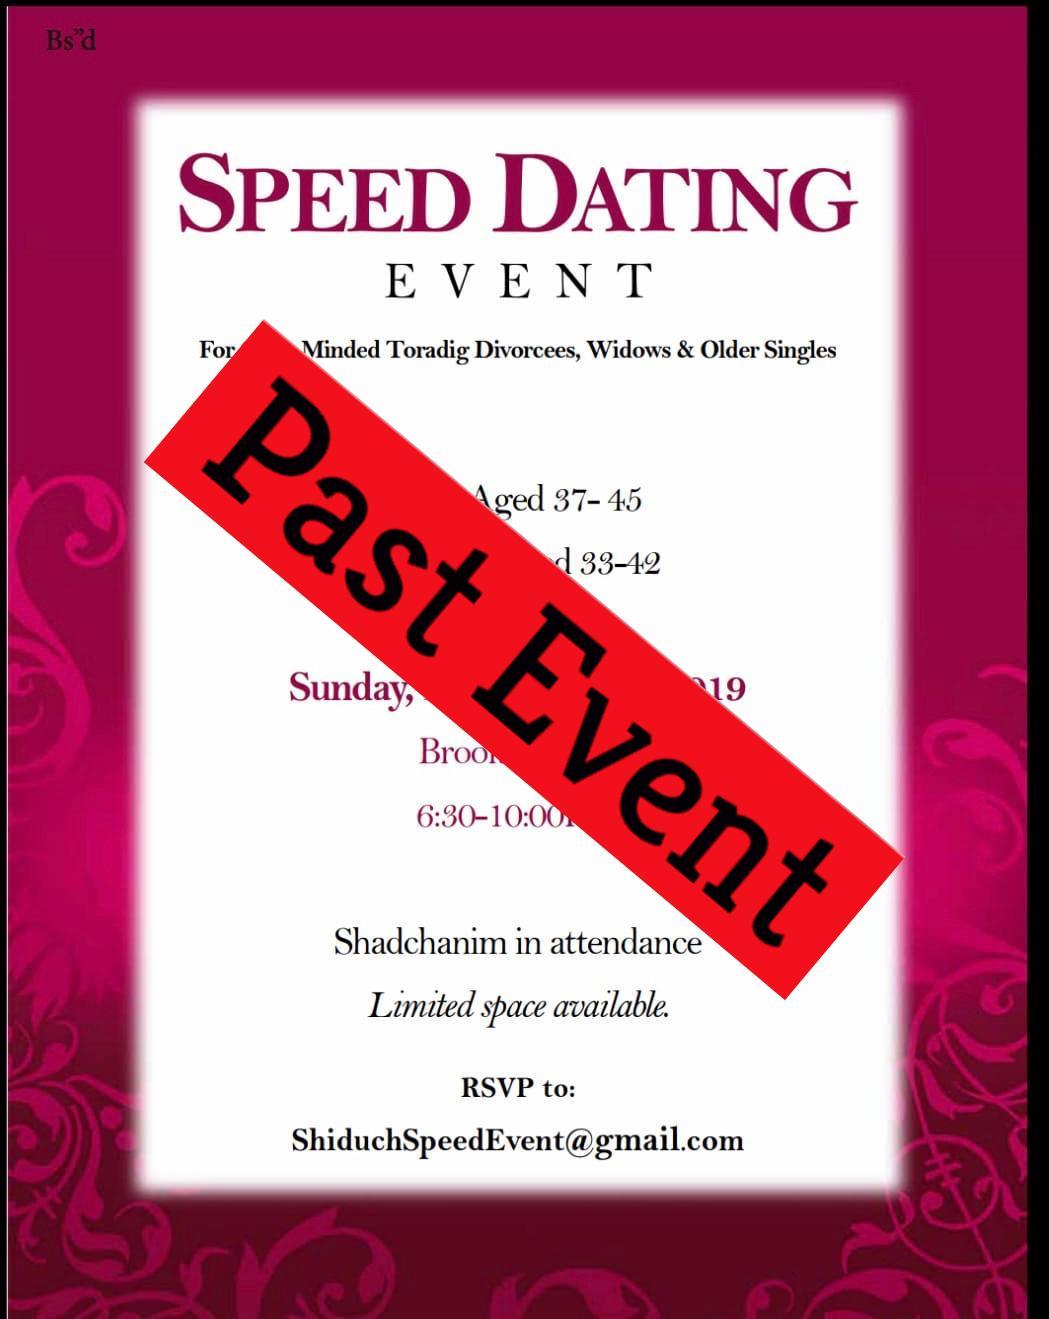 nopeus dating tapahtumat Michiganissa